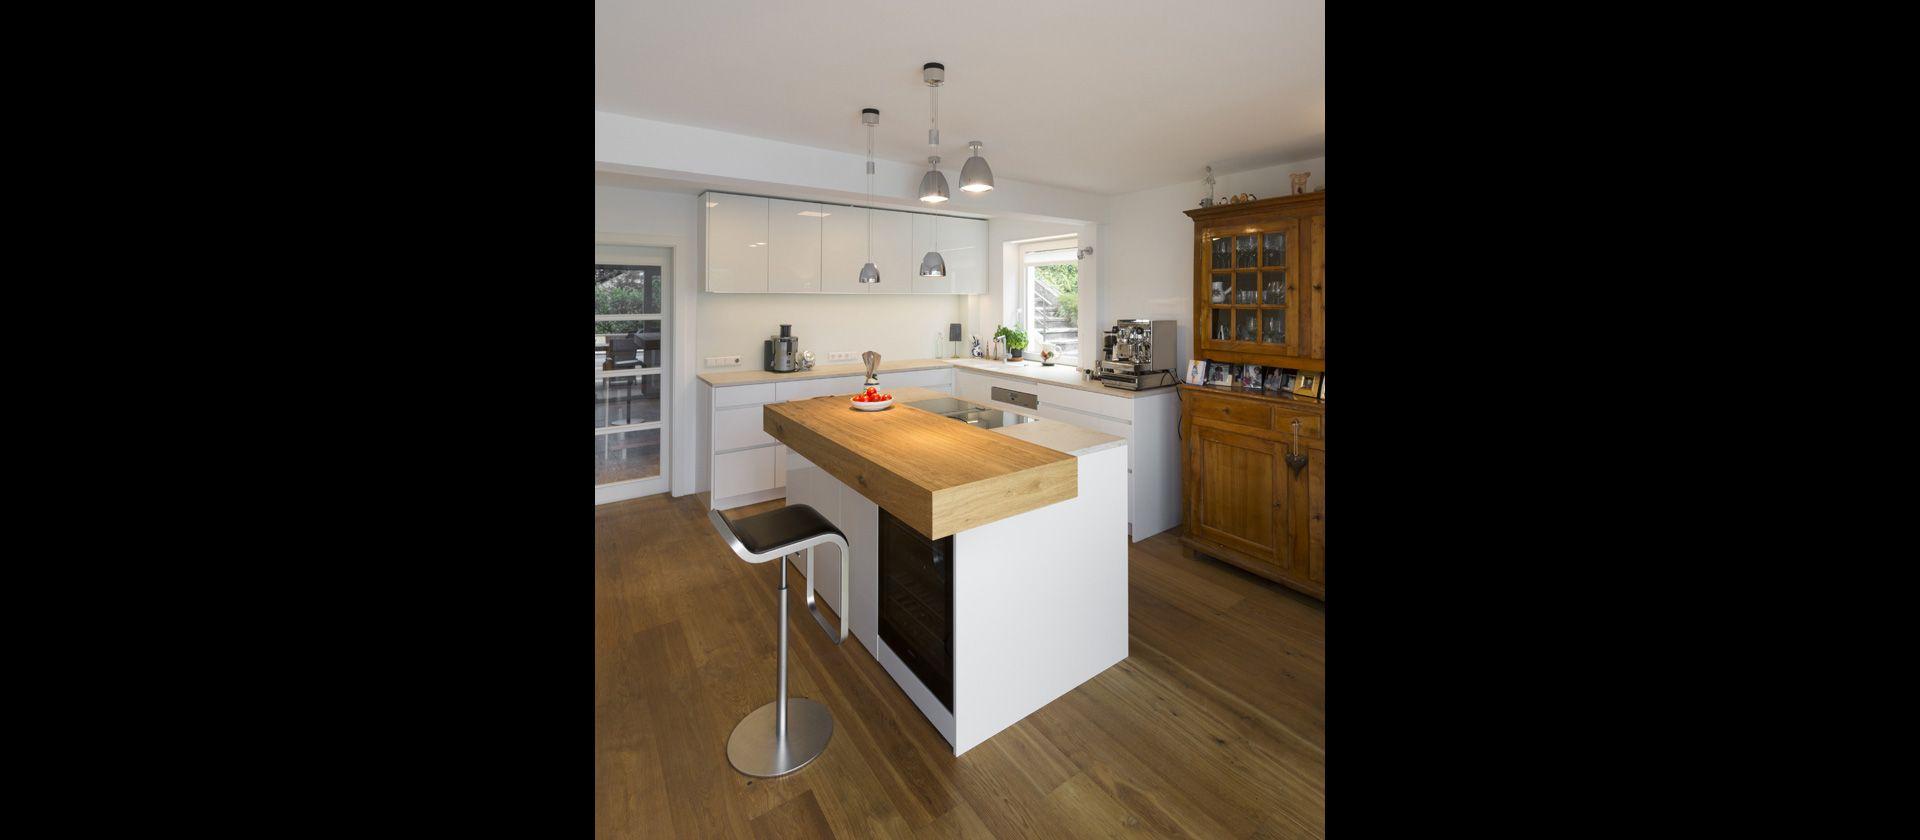 mtb k che mit freiem block bora professional abluft im bodenkanal verlegt kitchens kitchen